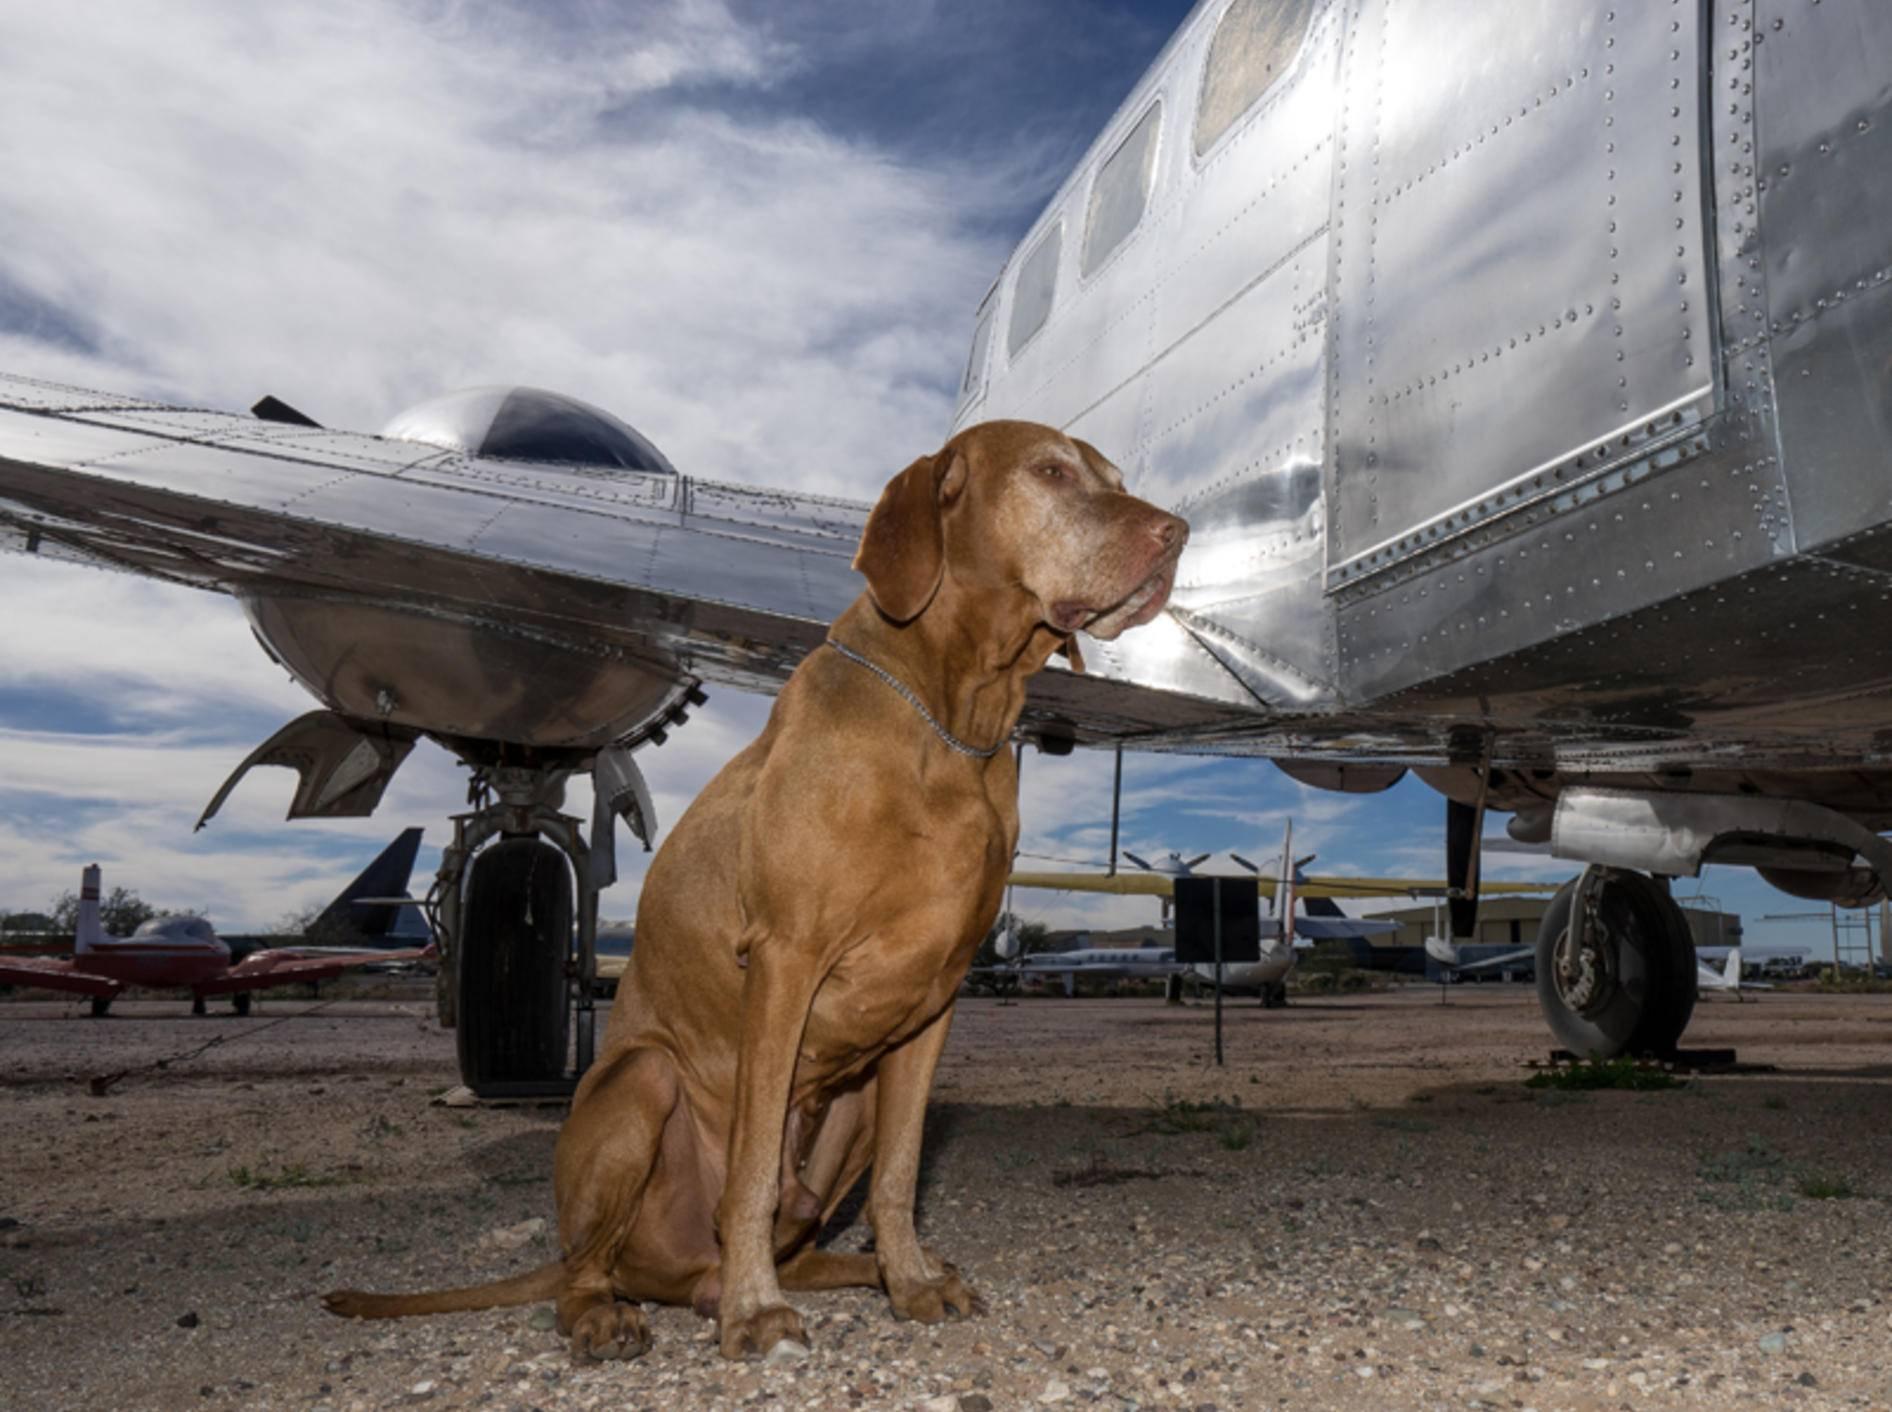 Große Hunde wie dieser Vierbeiner müssen im Flugzeug im Frachtraum bleiben – Shutterstock / Barna Tanko